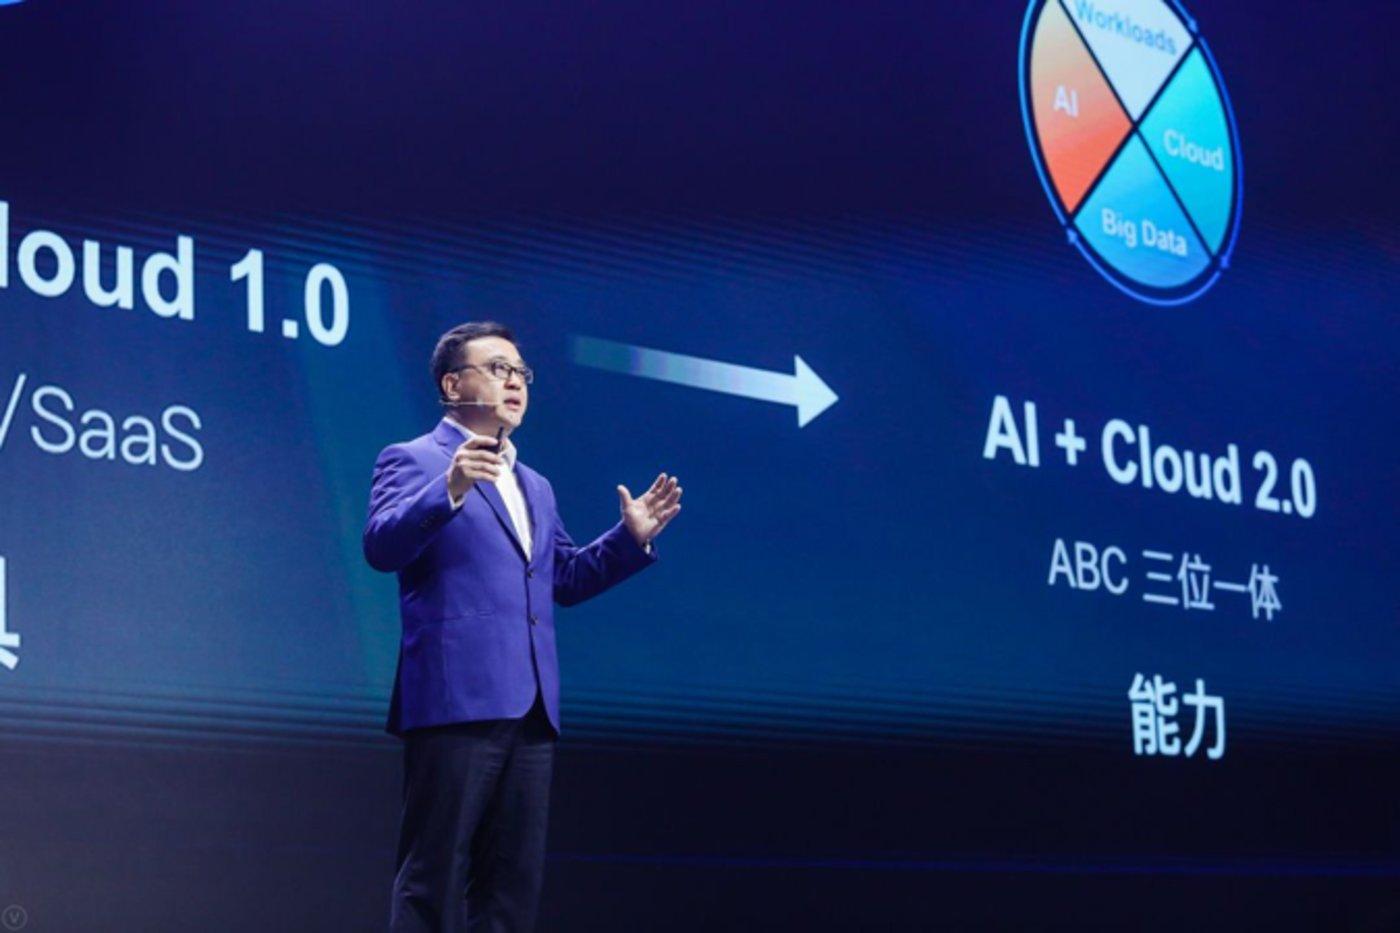 百度总裁张亚勤在今年的云智峰会中发布ABC 3.0